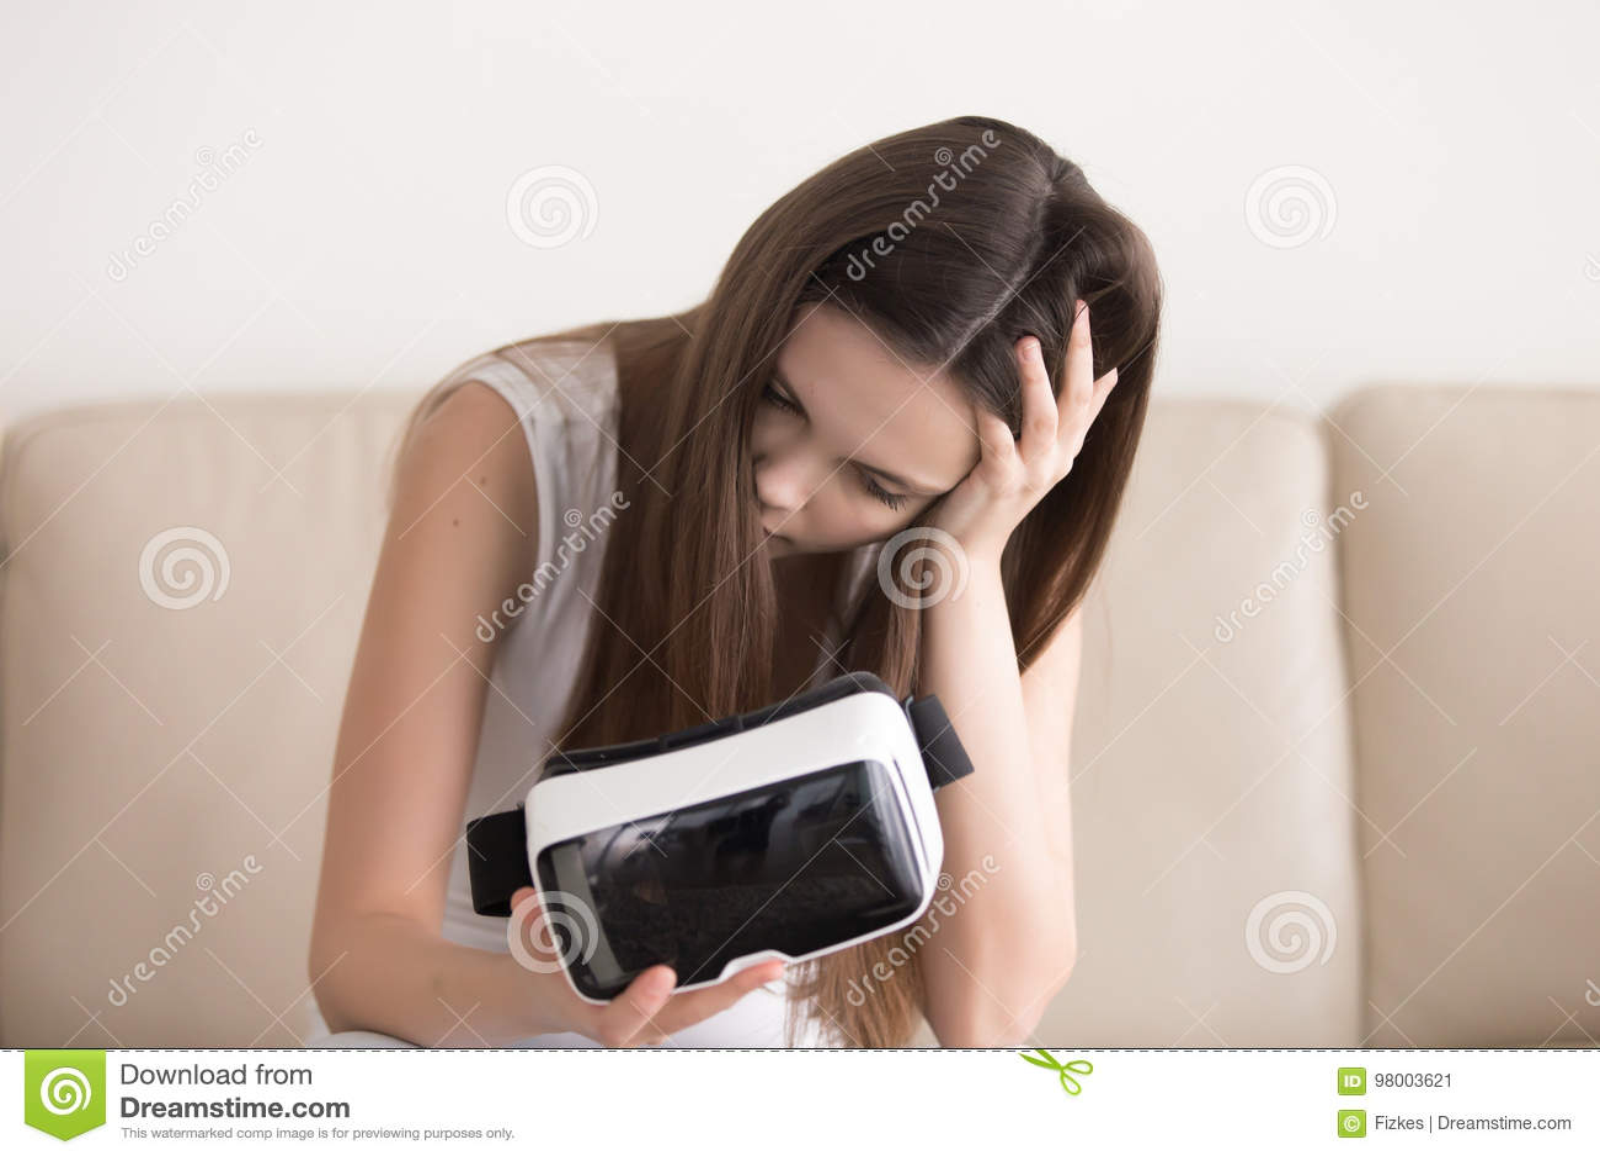 young teen girls Virtual